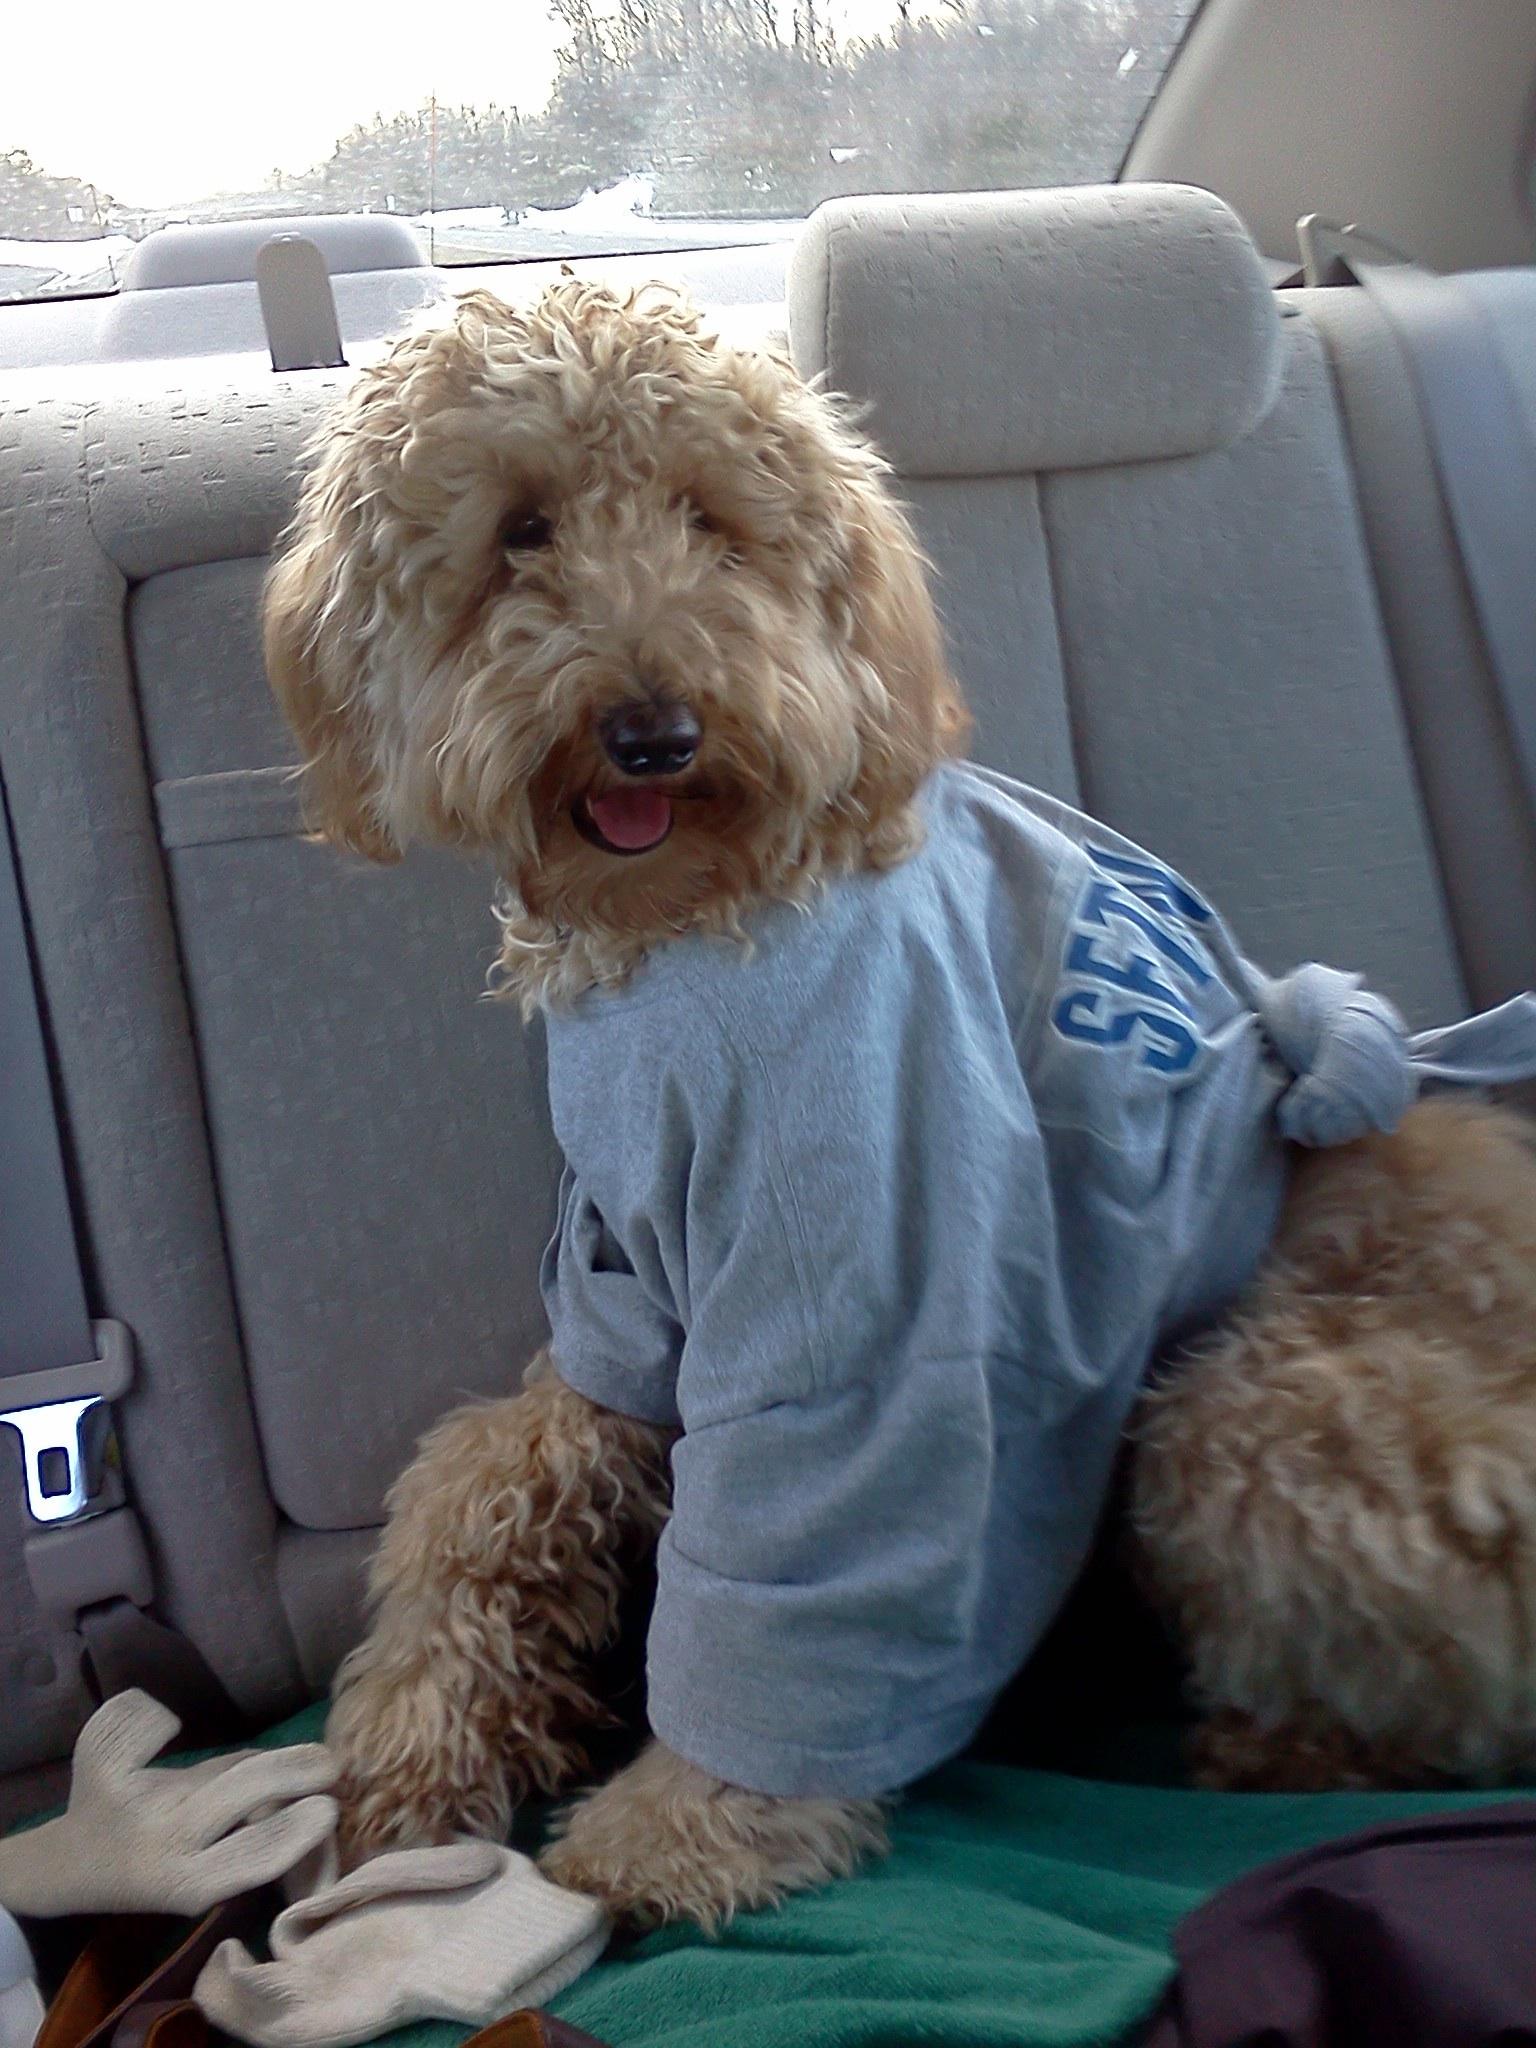 Puppy Poodle Mix A labrador-poodle mix.